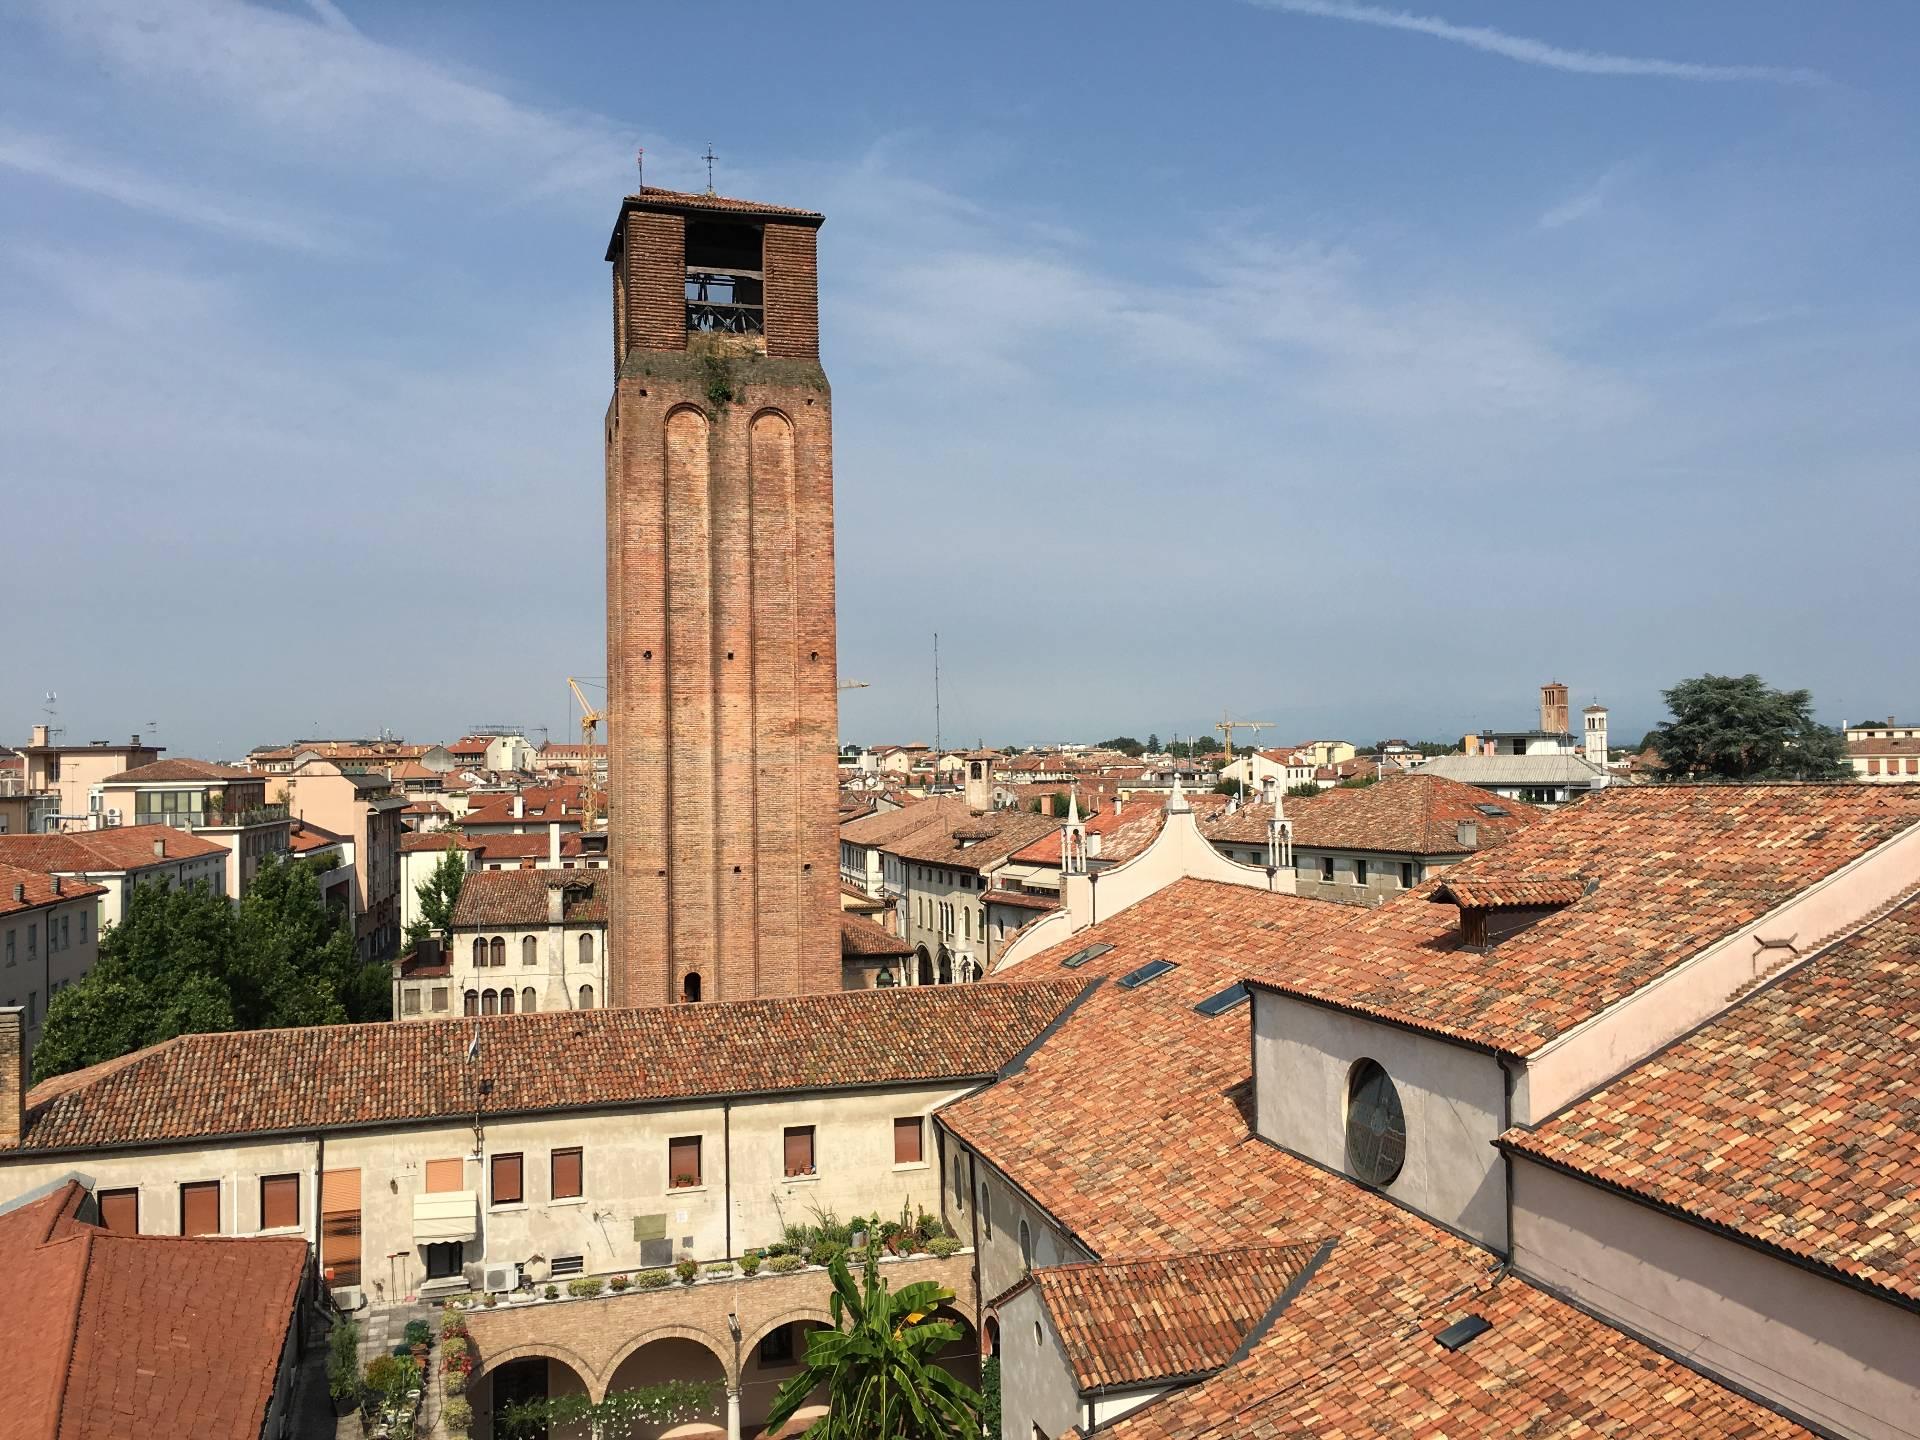 Attico / Mansarda in vendita a Treviso, 6 locali, zona Località: Centrostorico, prezzo € 200.000 | Cambio Casa.it